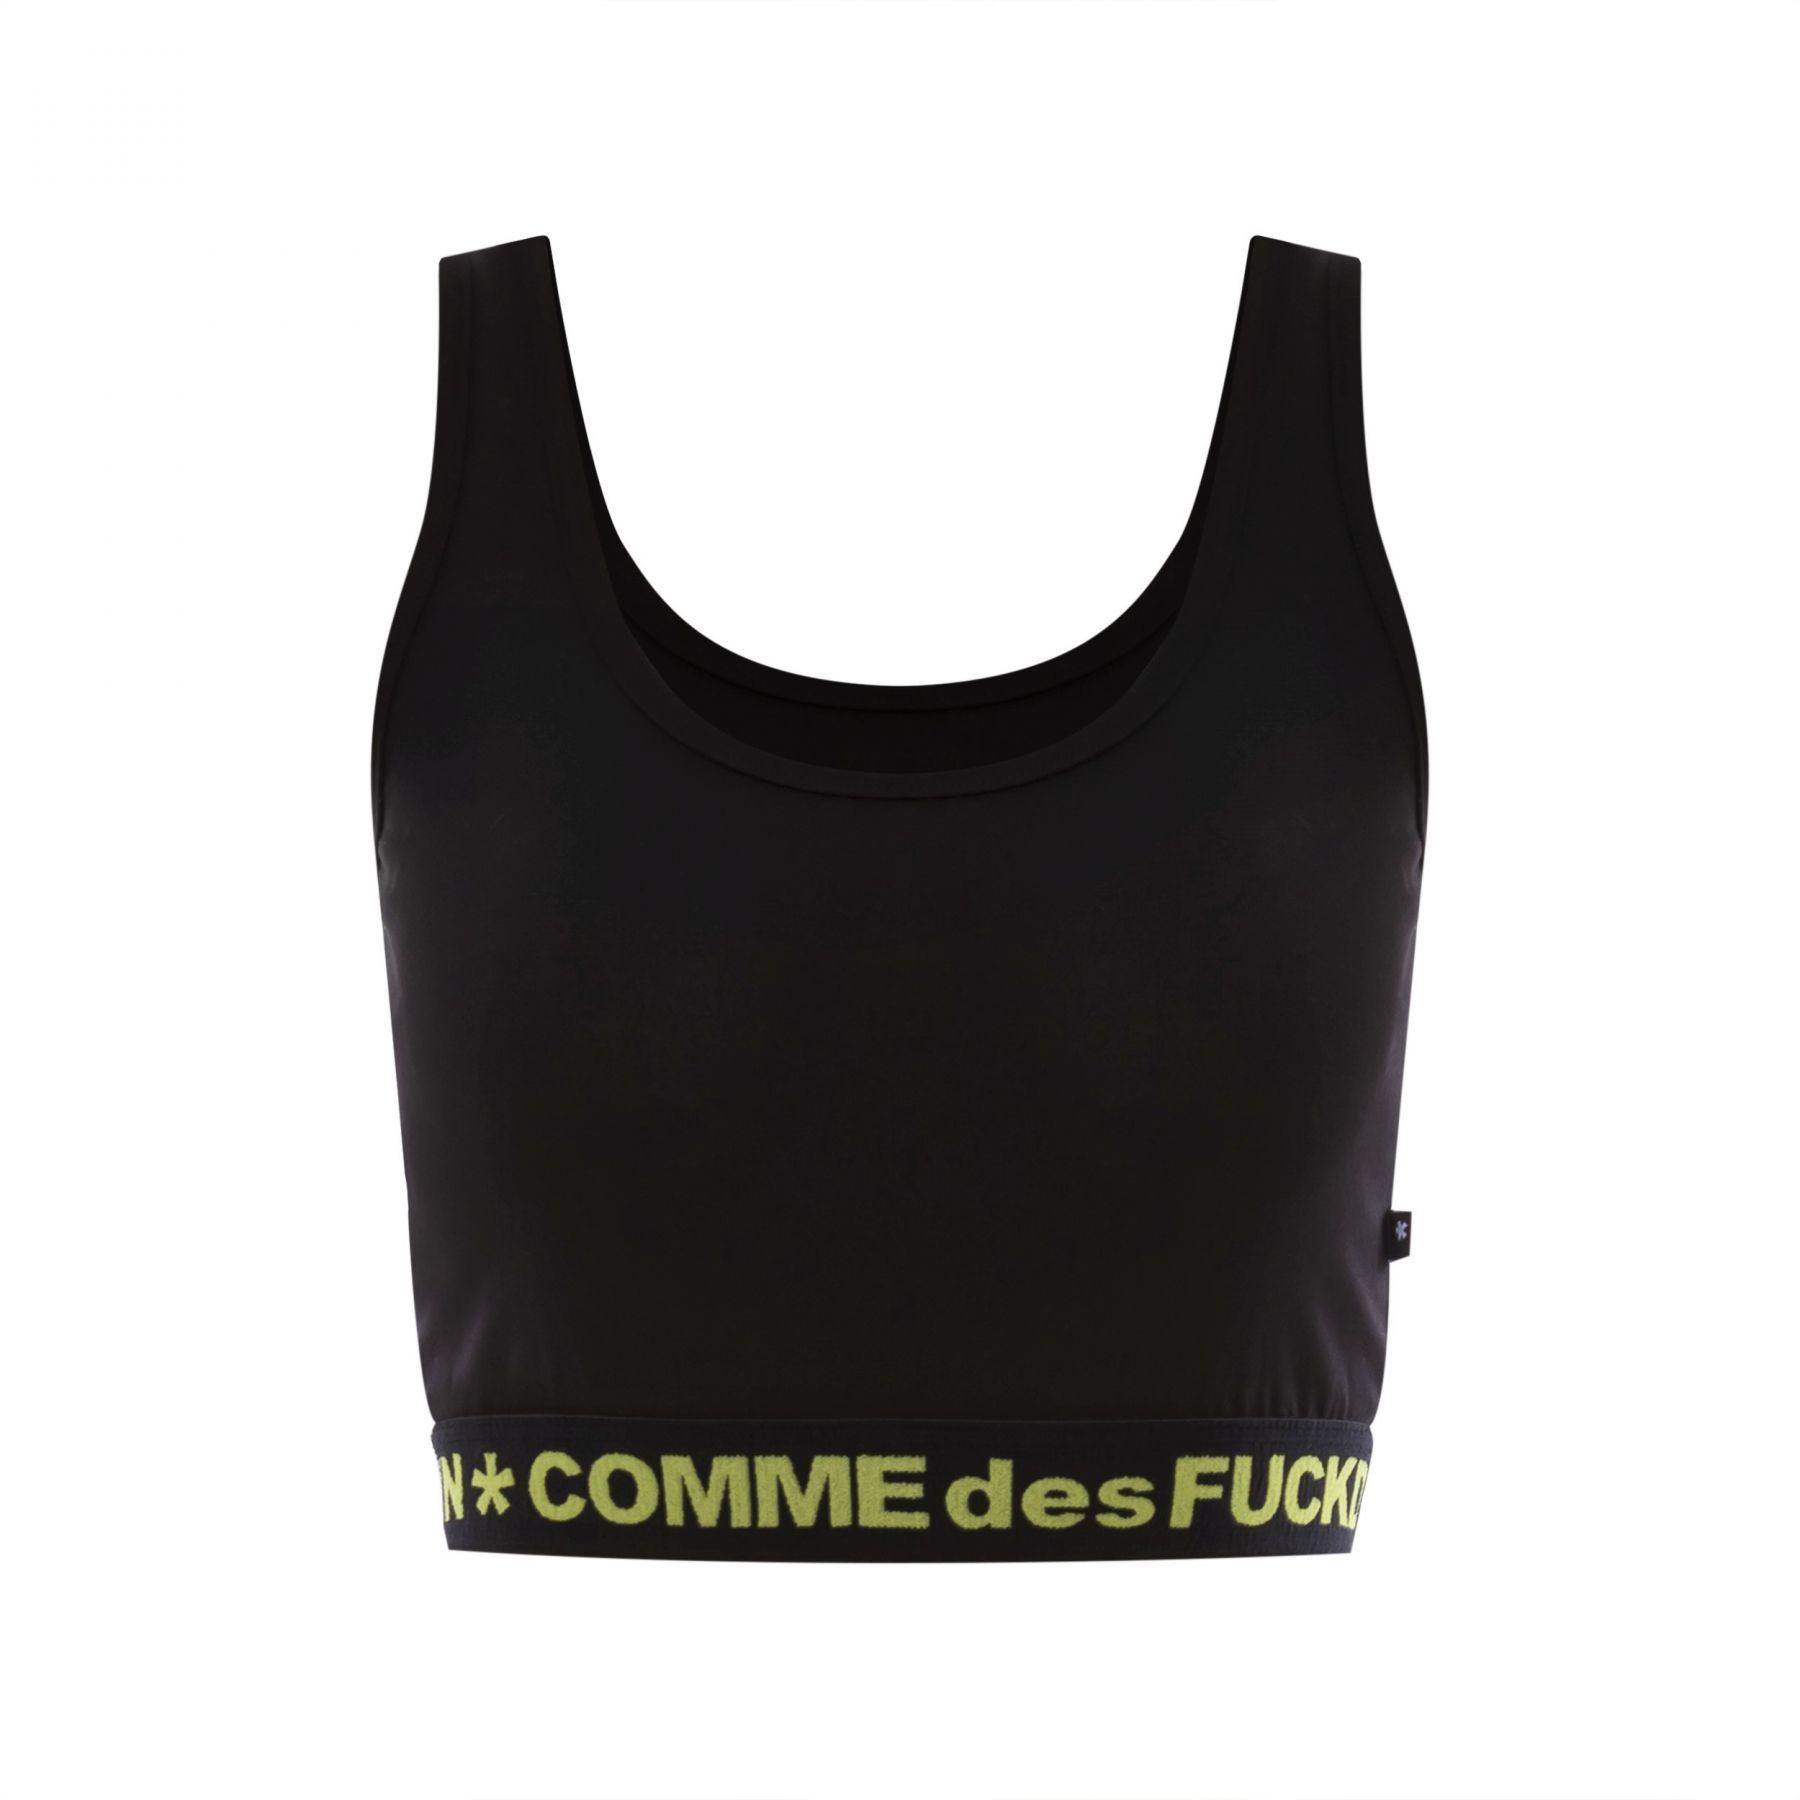 Топ COMME des FUCKDOWN черный